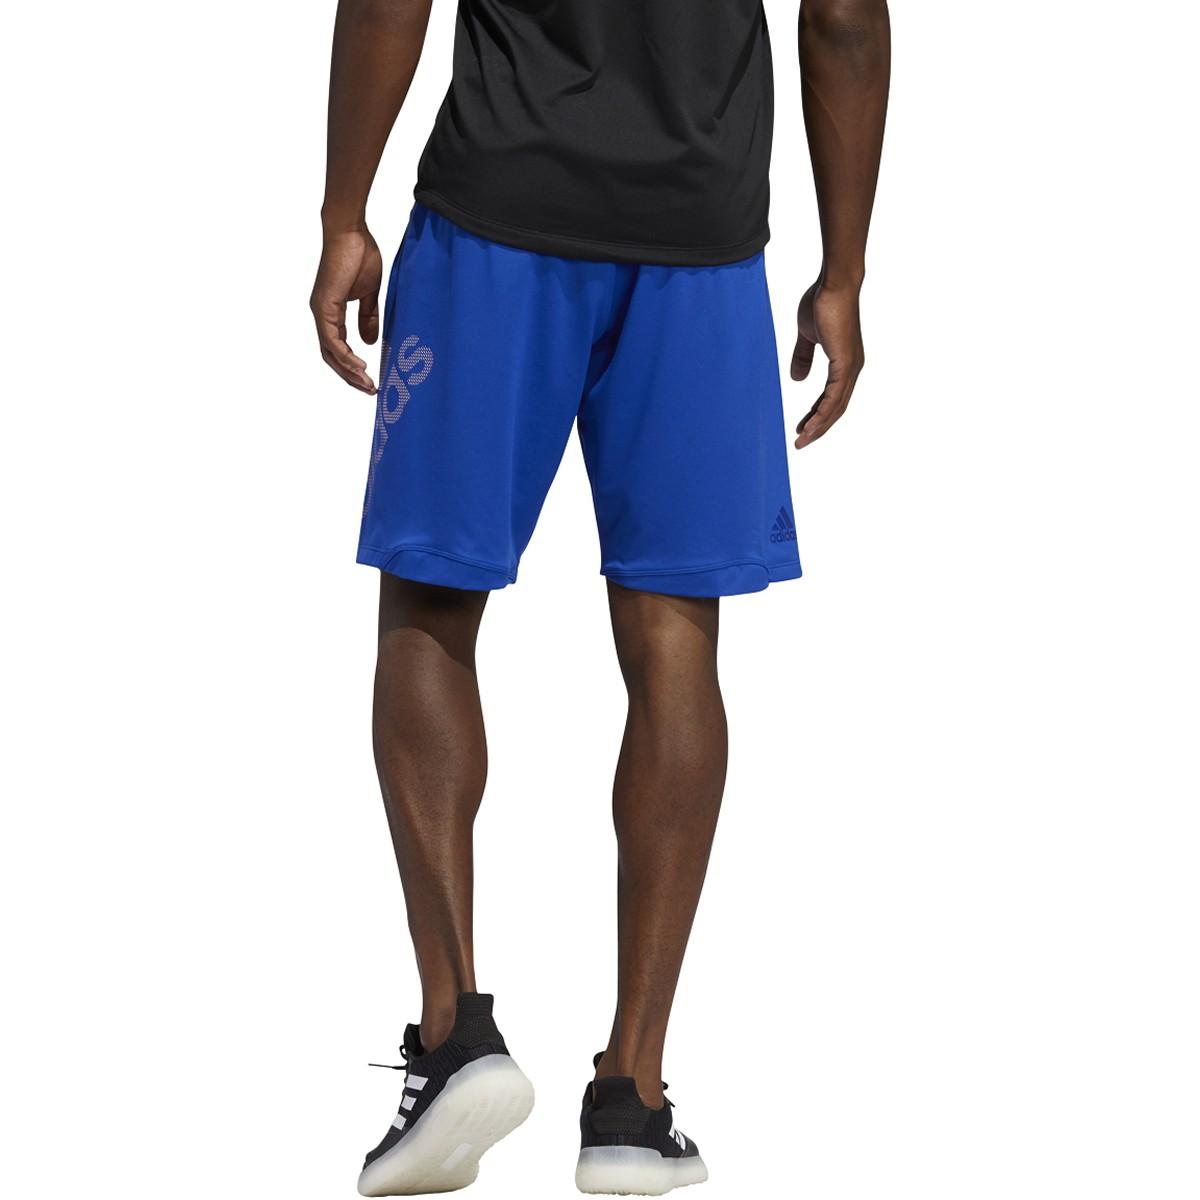 Adidas 4K Short Mens RY